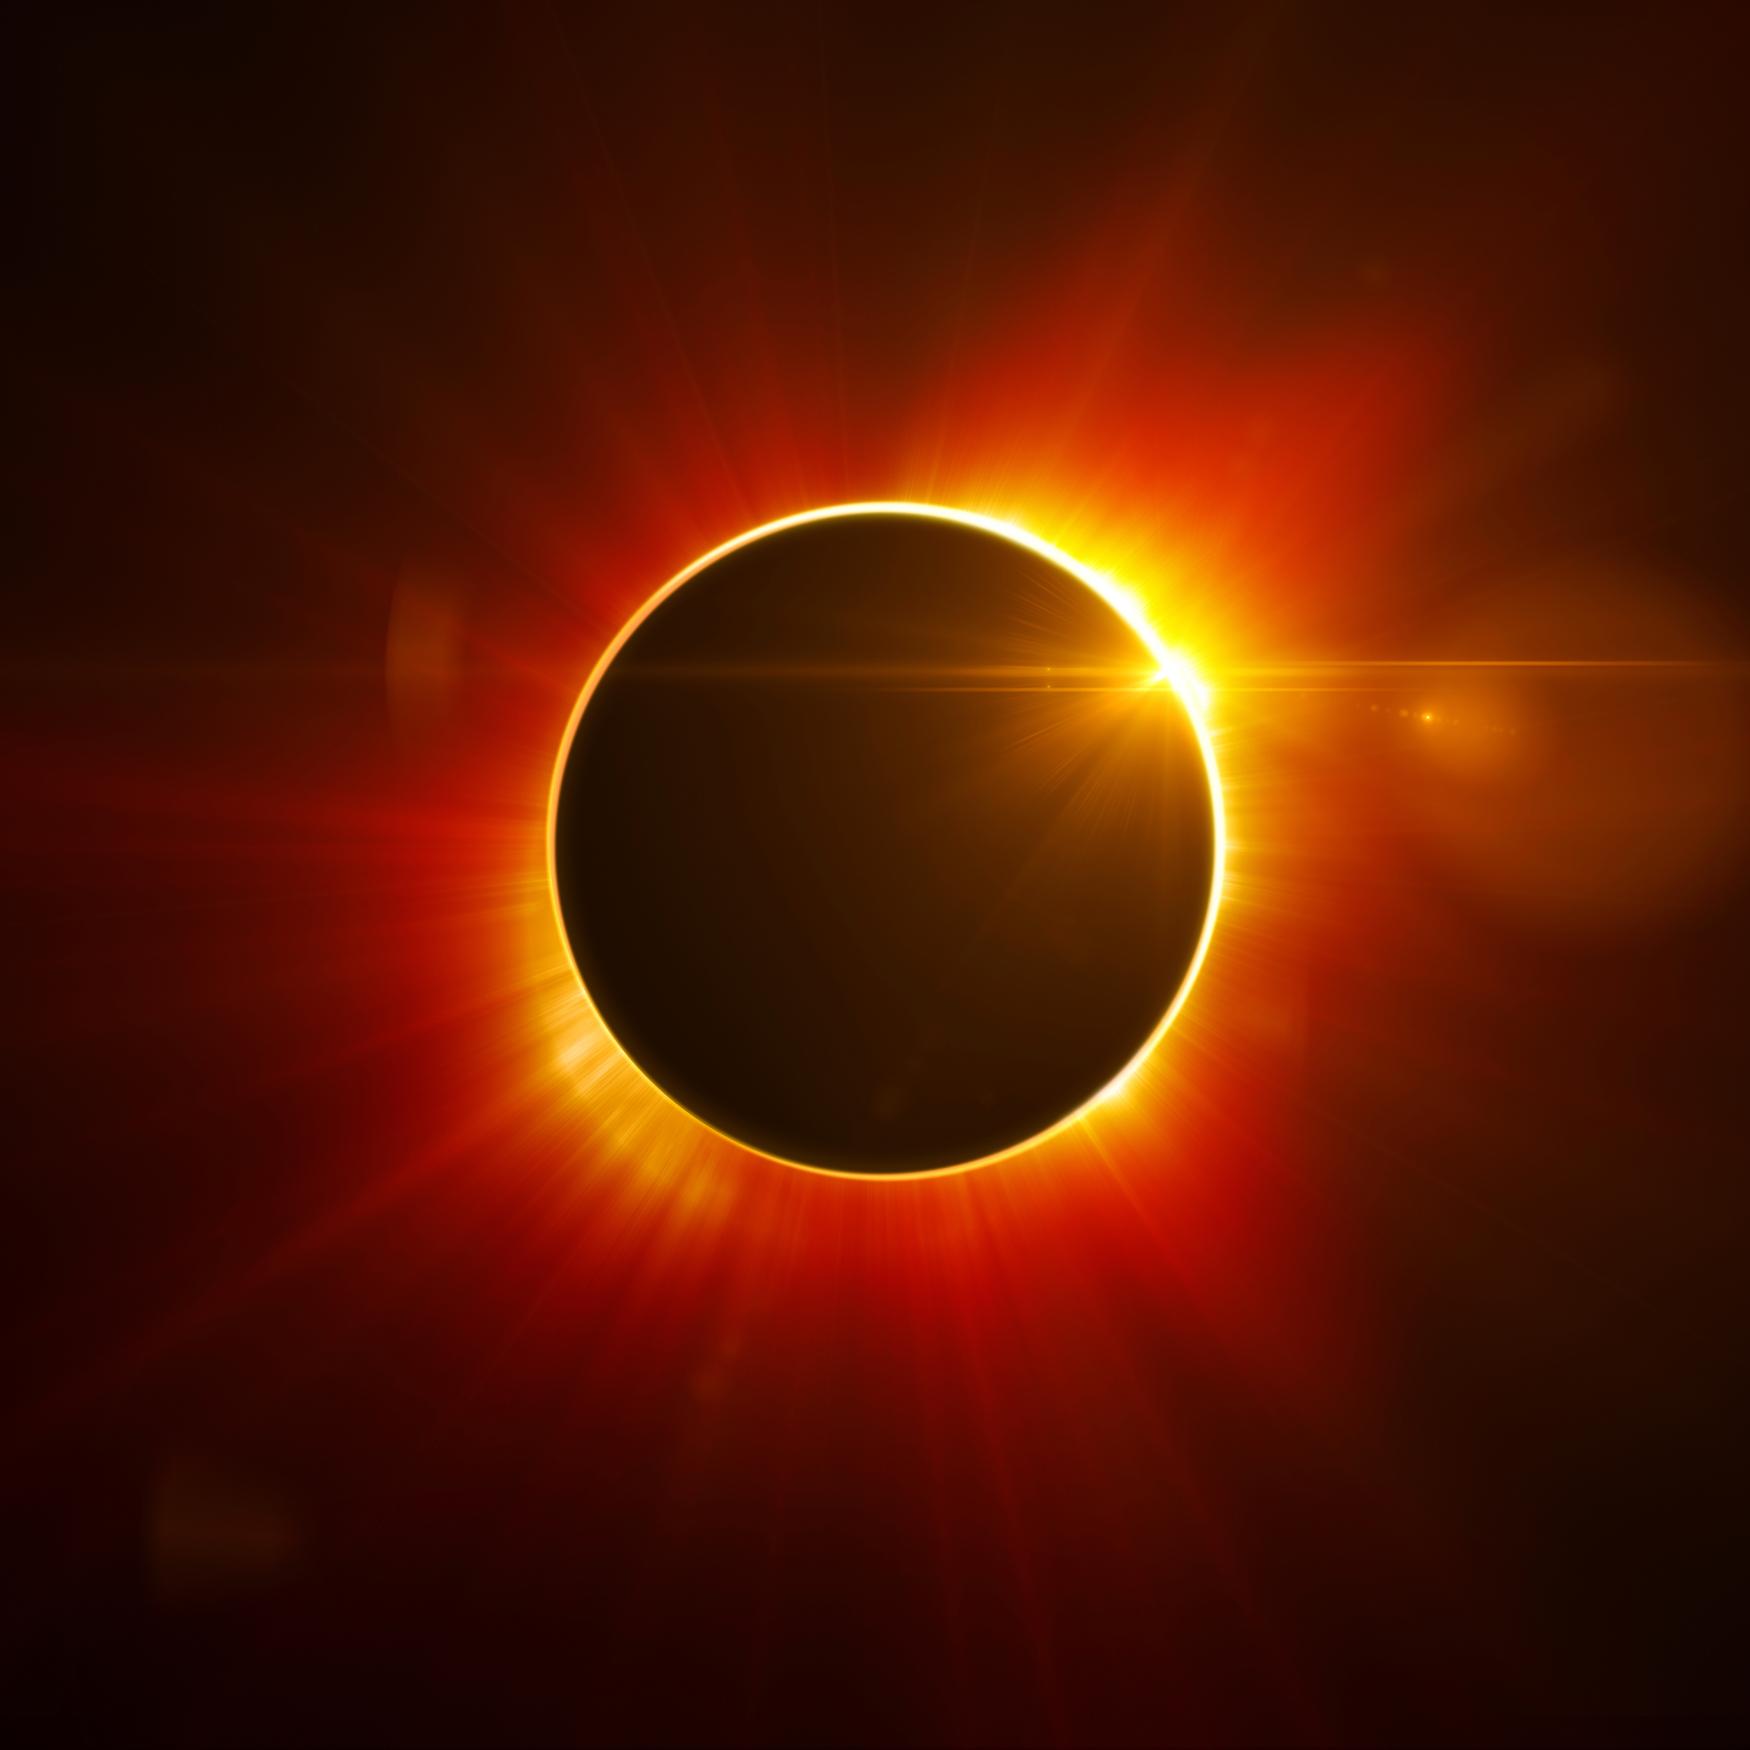 Faut-il craindre les éclipses solaires ?